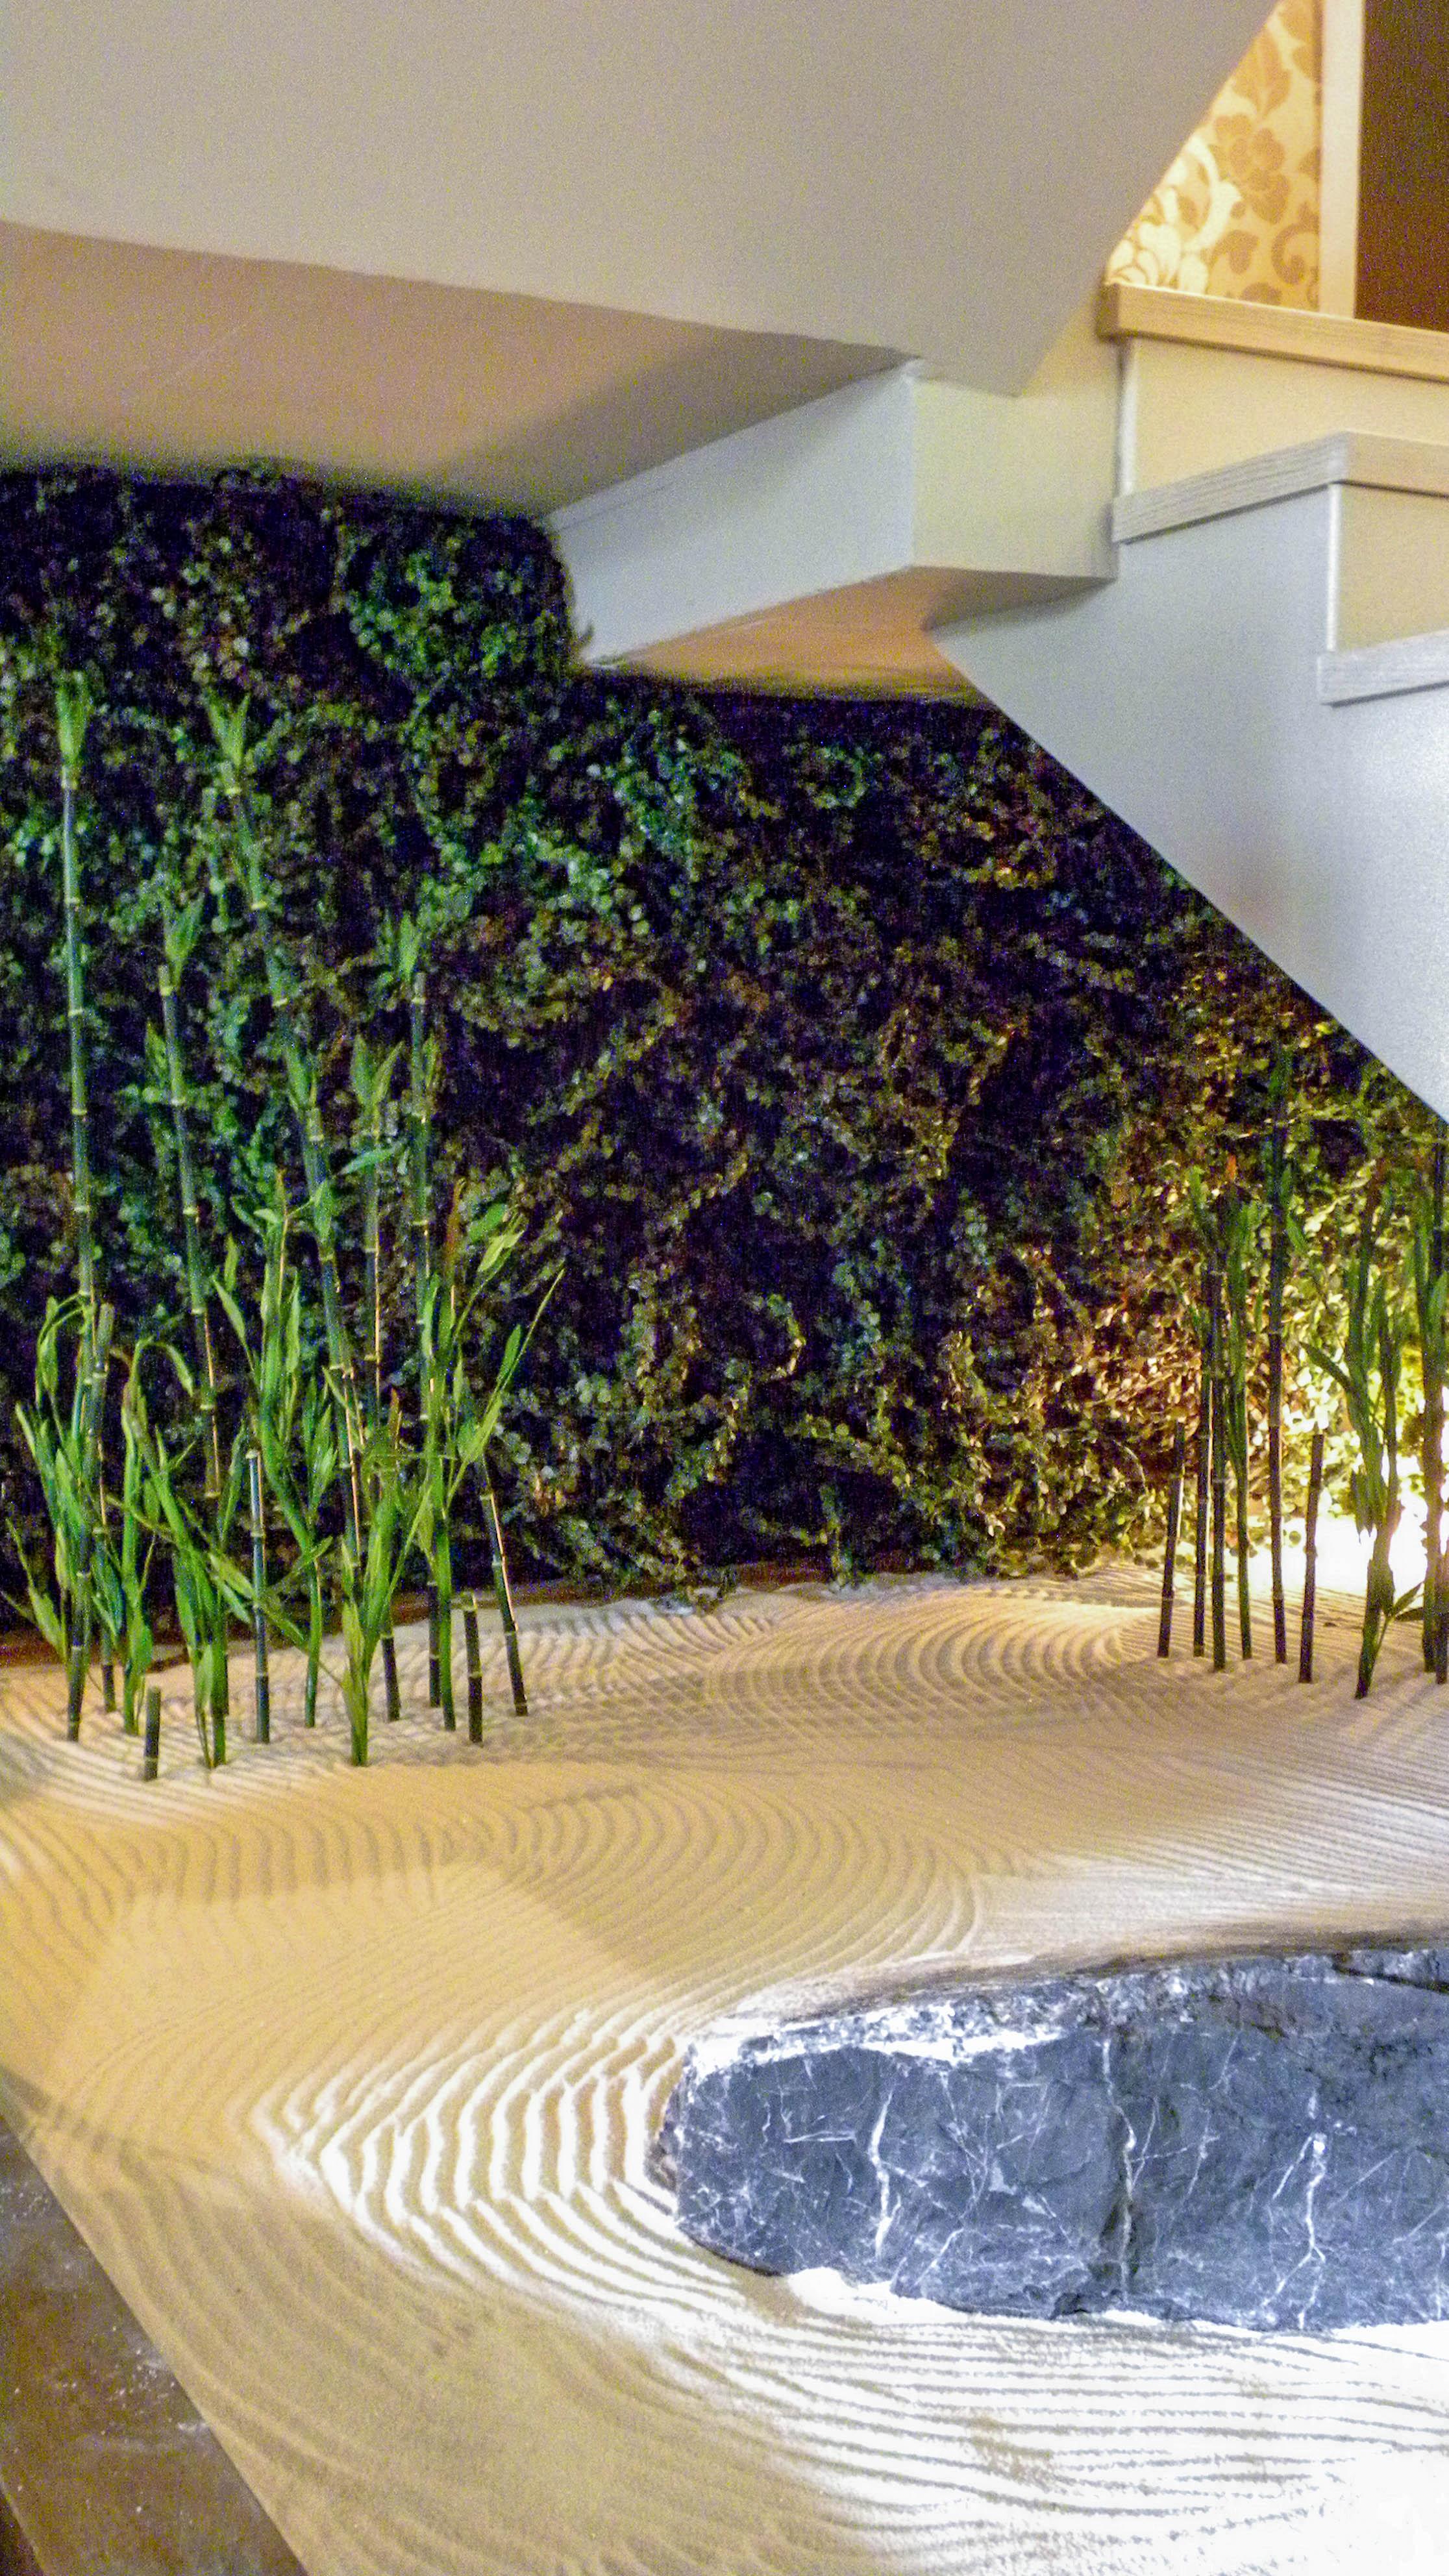 Zen garden under the staircase.